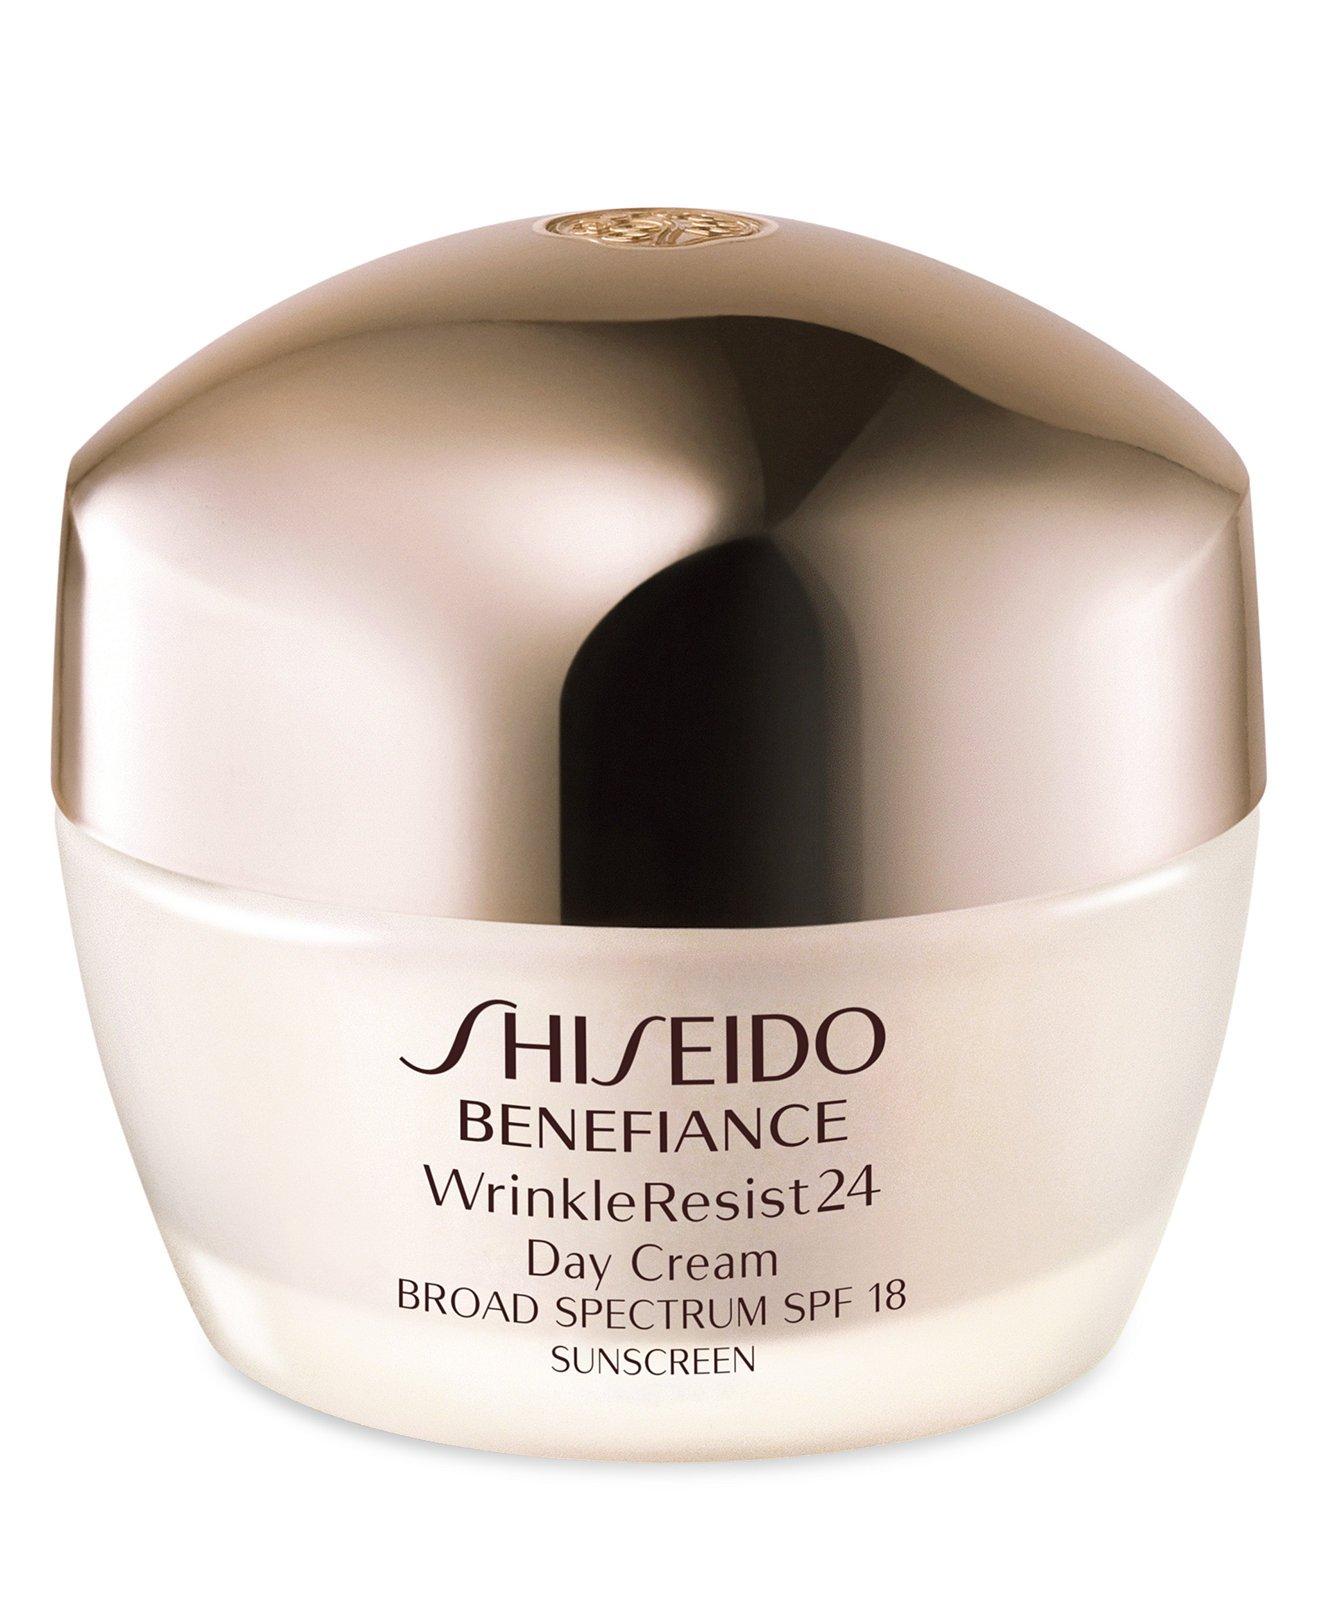 Shiseido Day Care 1.8 Oz Benefiance Wrinkleresist24 Day Cream Spf 15 For Women